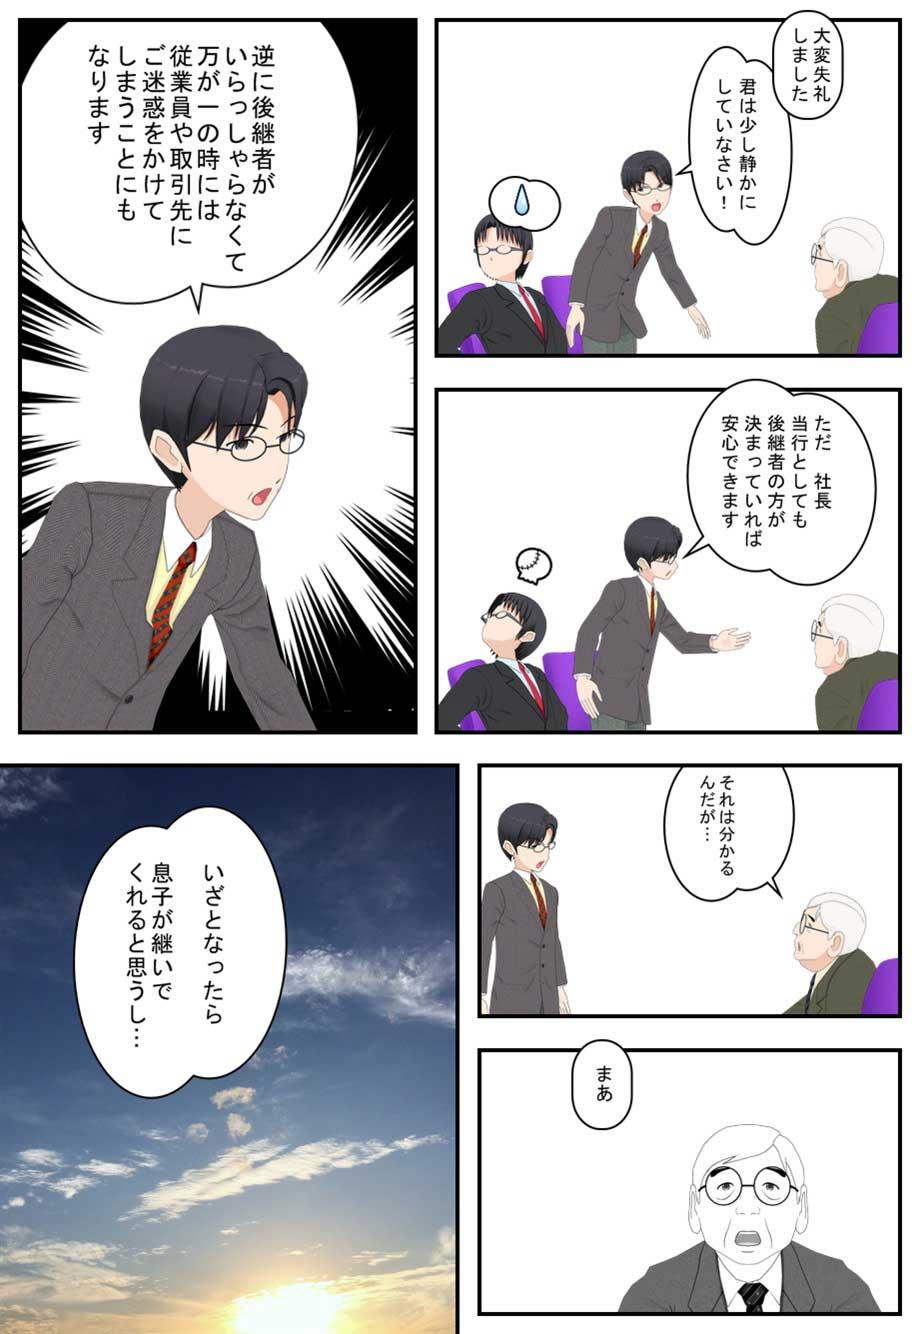 事業承継マンガ4頁